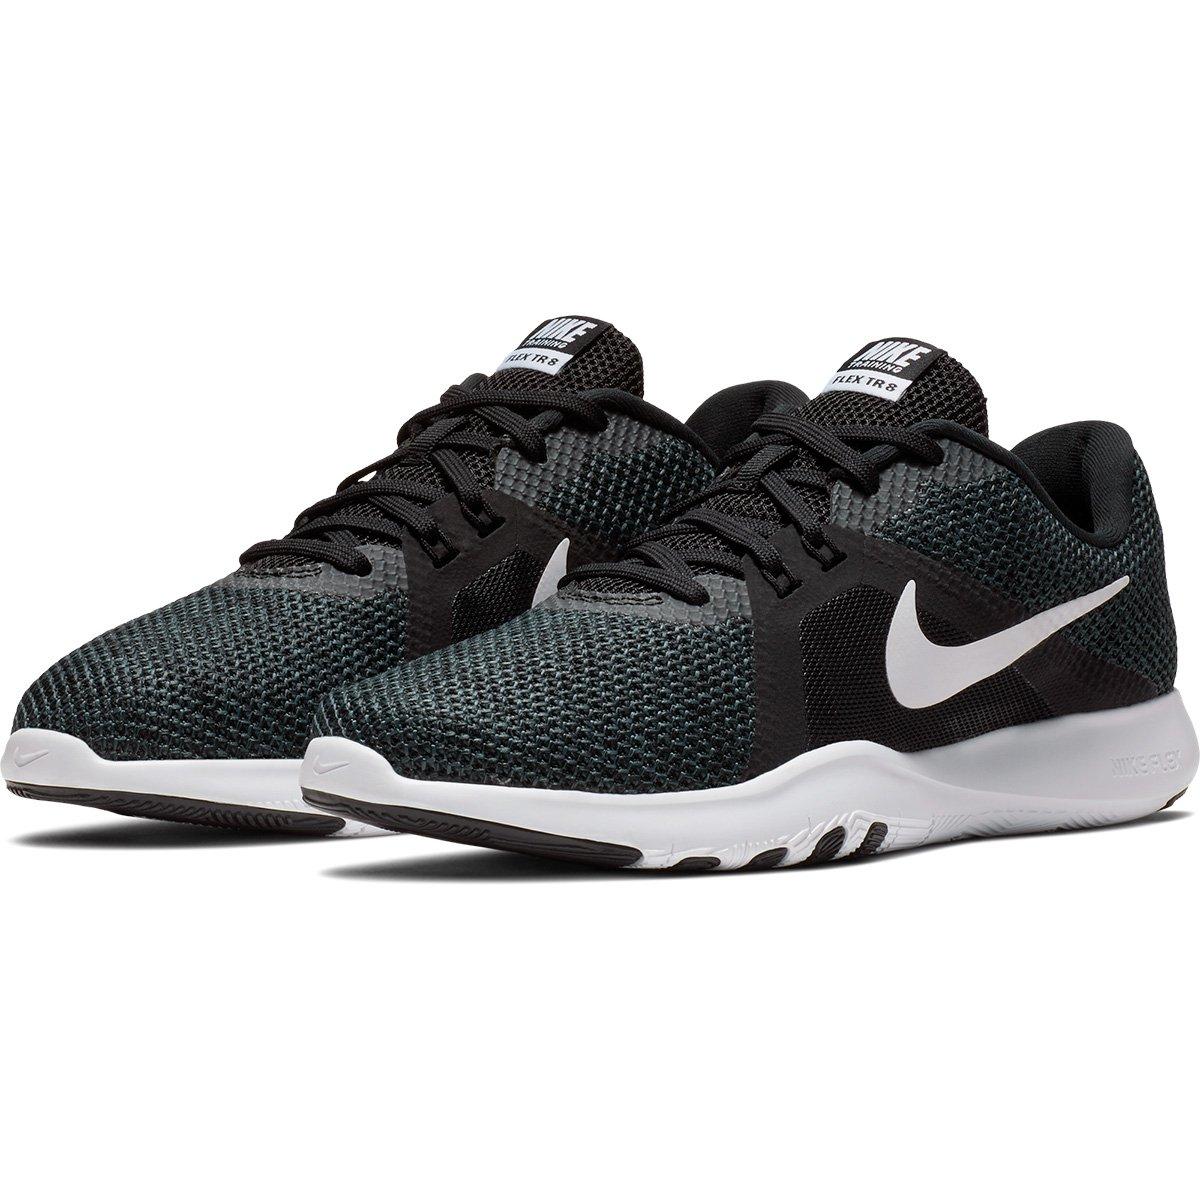 0e48b95126 ... Foto 2 - Tênis Nike Flex Trainer 8 Feminino